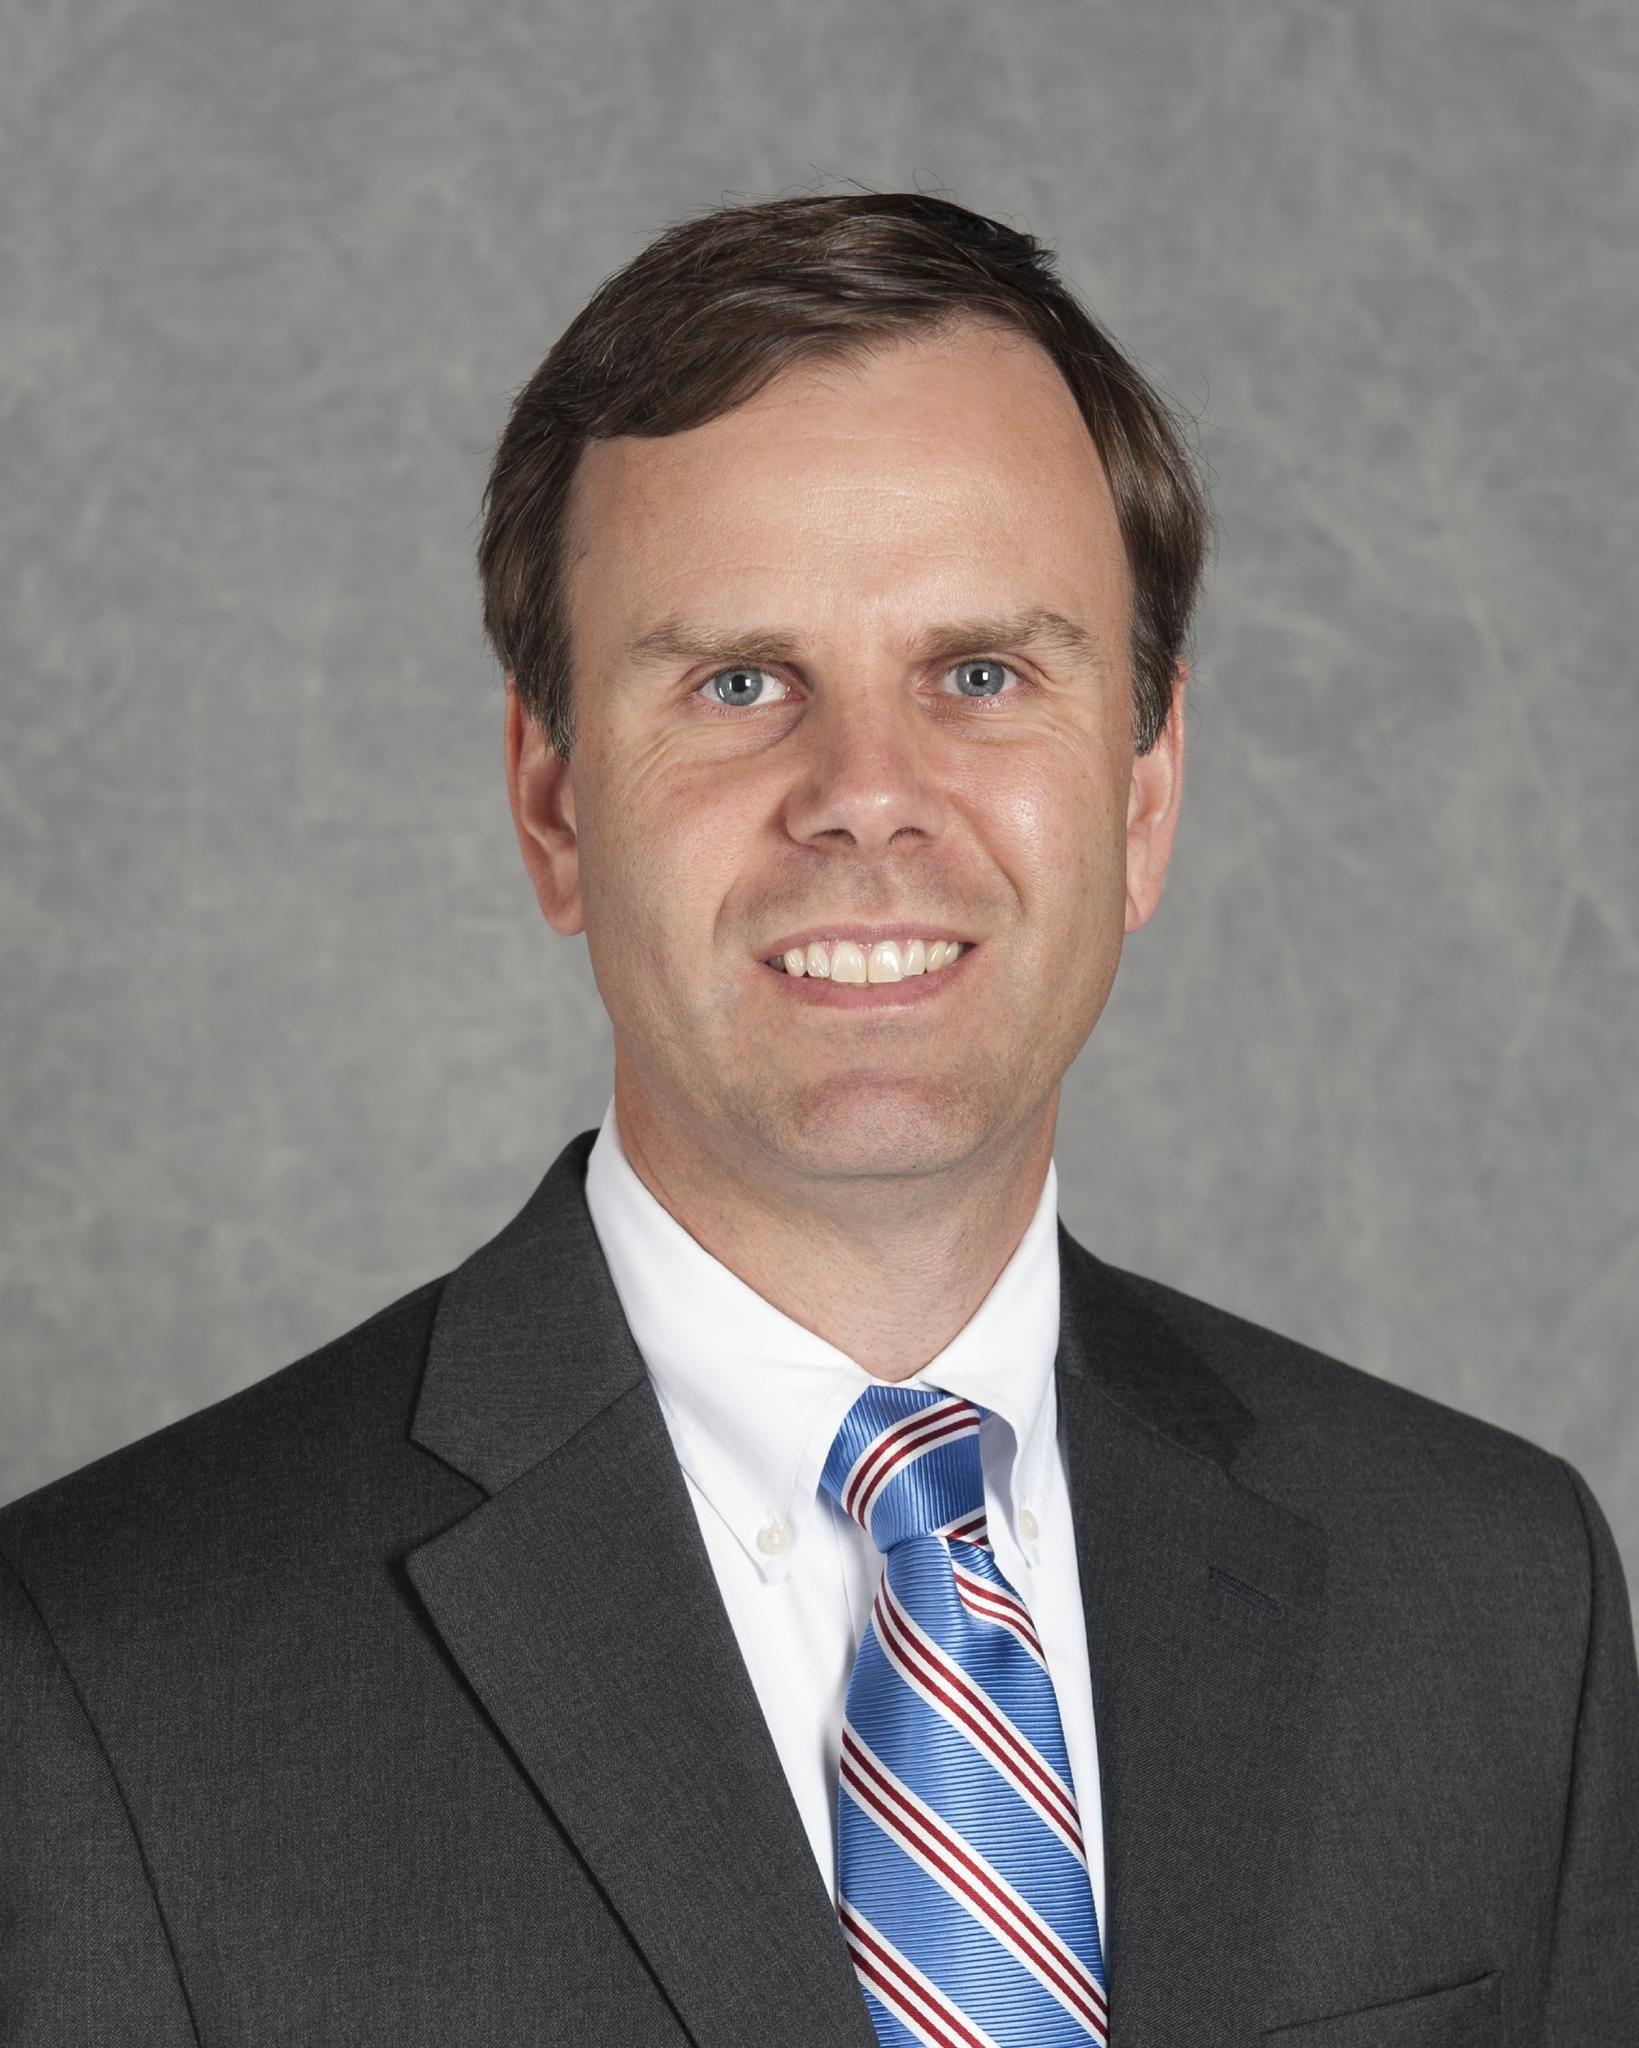 Chris Golier